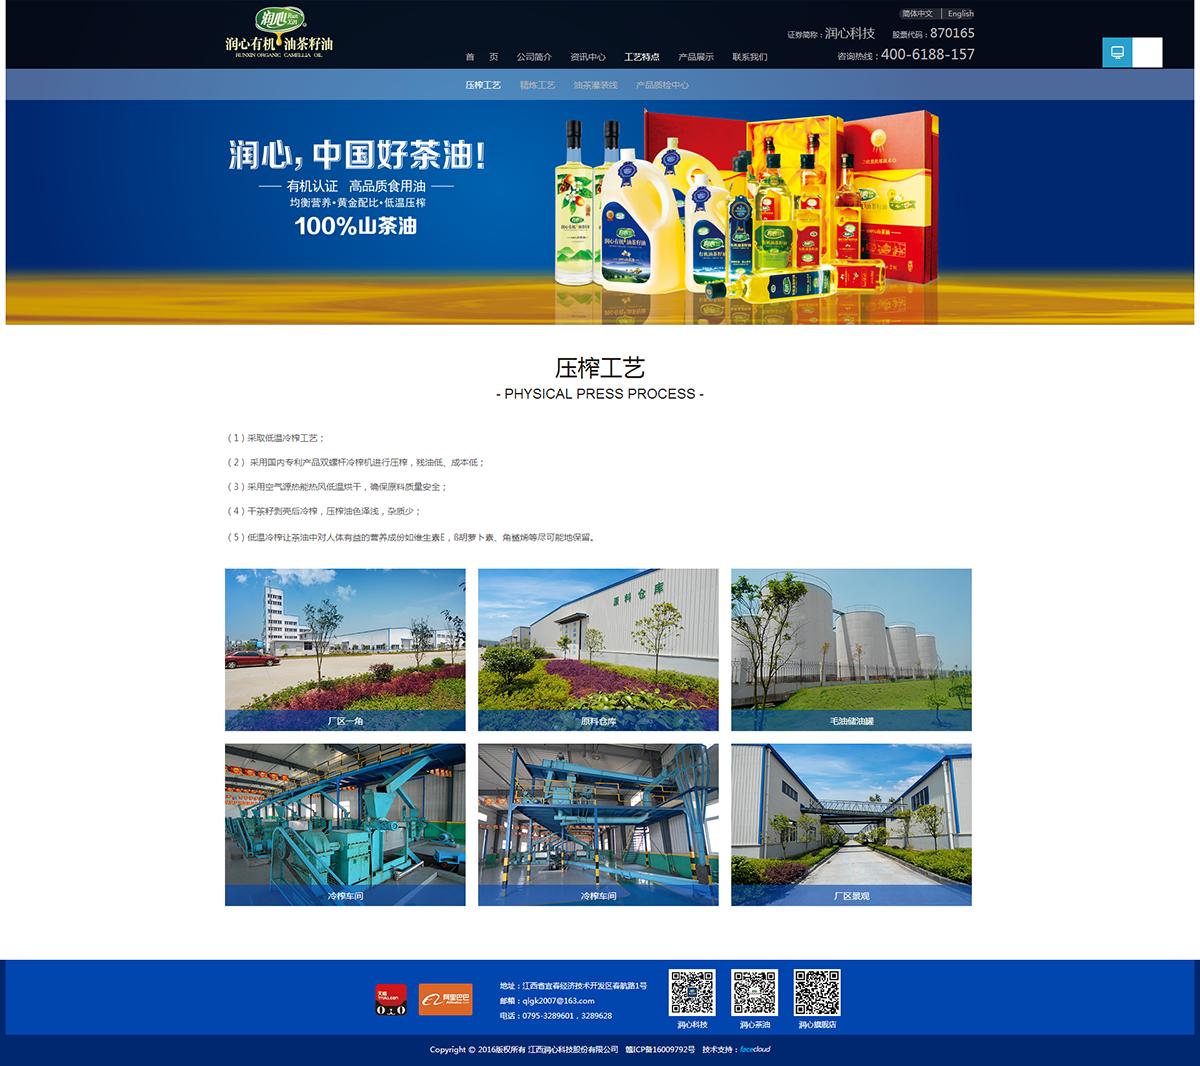 江西润心科技股份有限公司_内页2